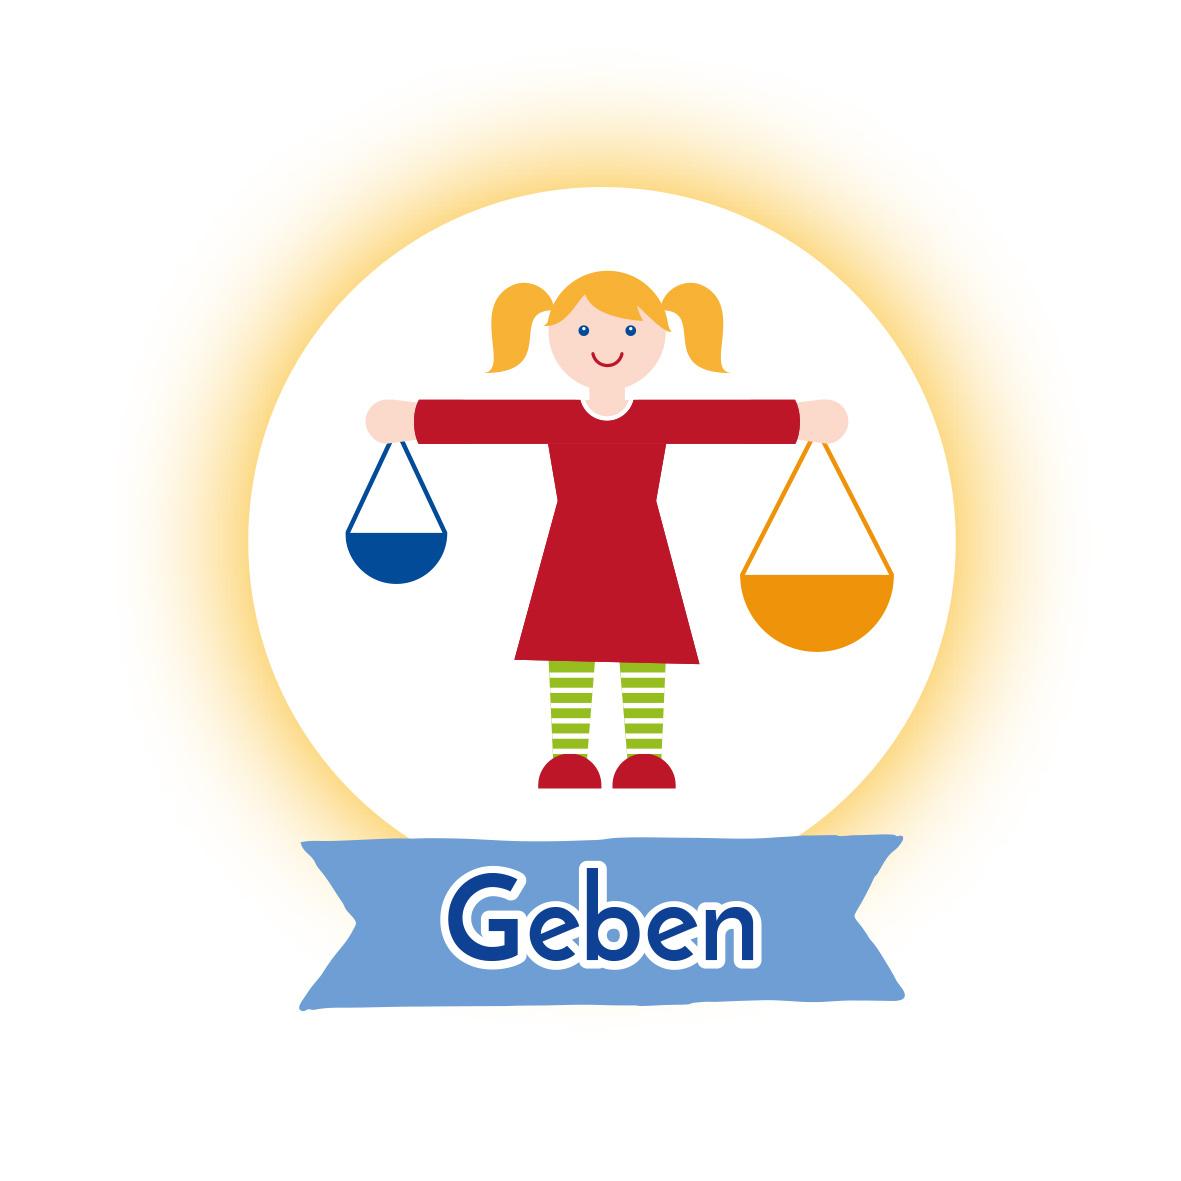 Geben & Fairness